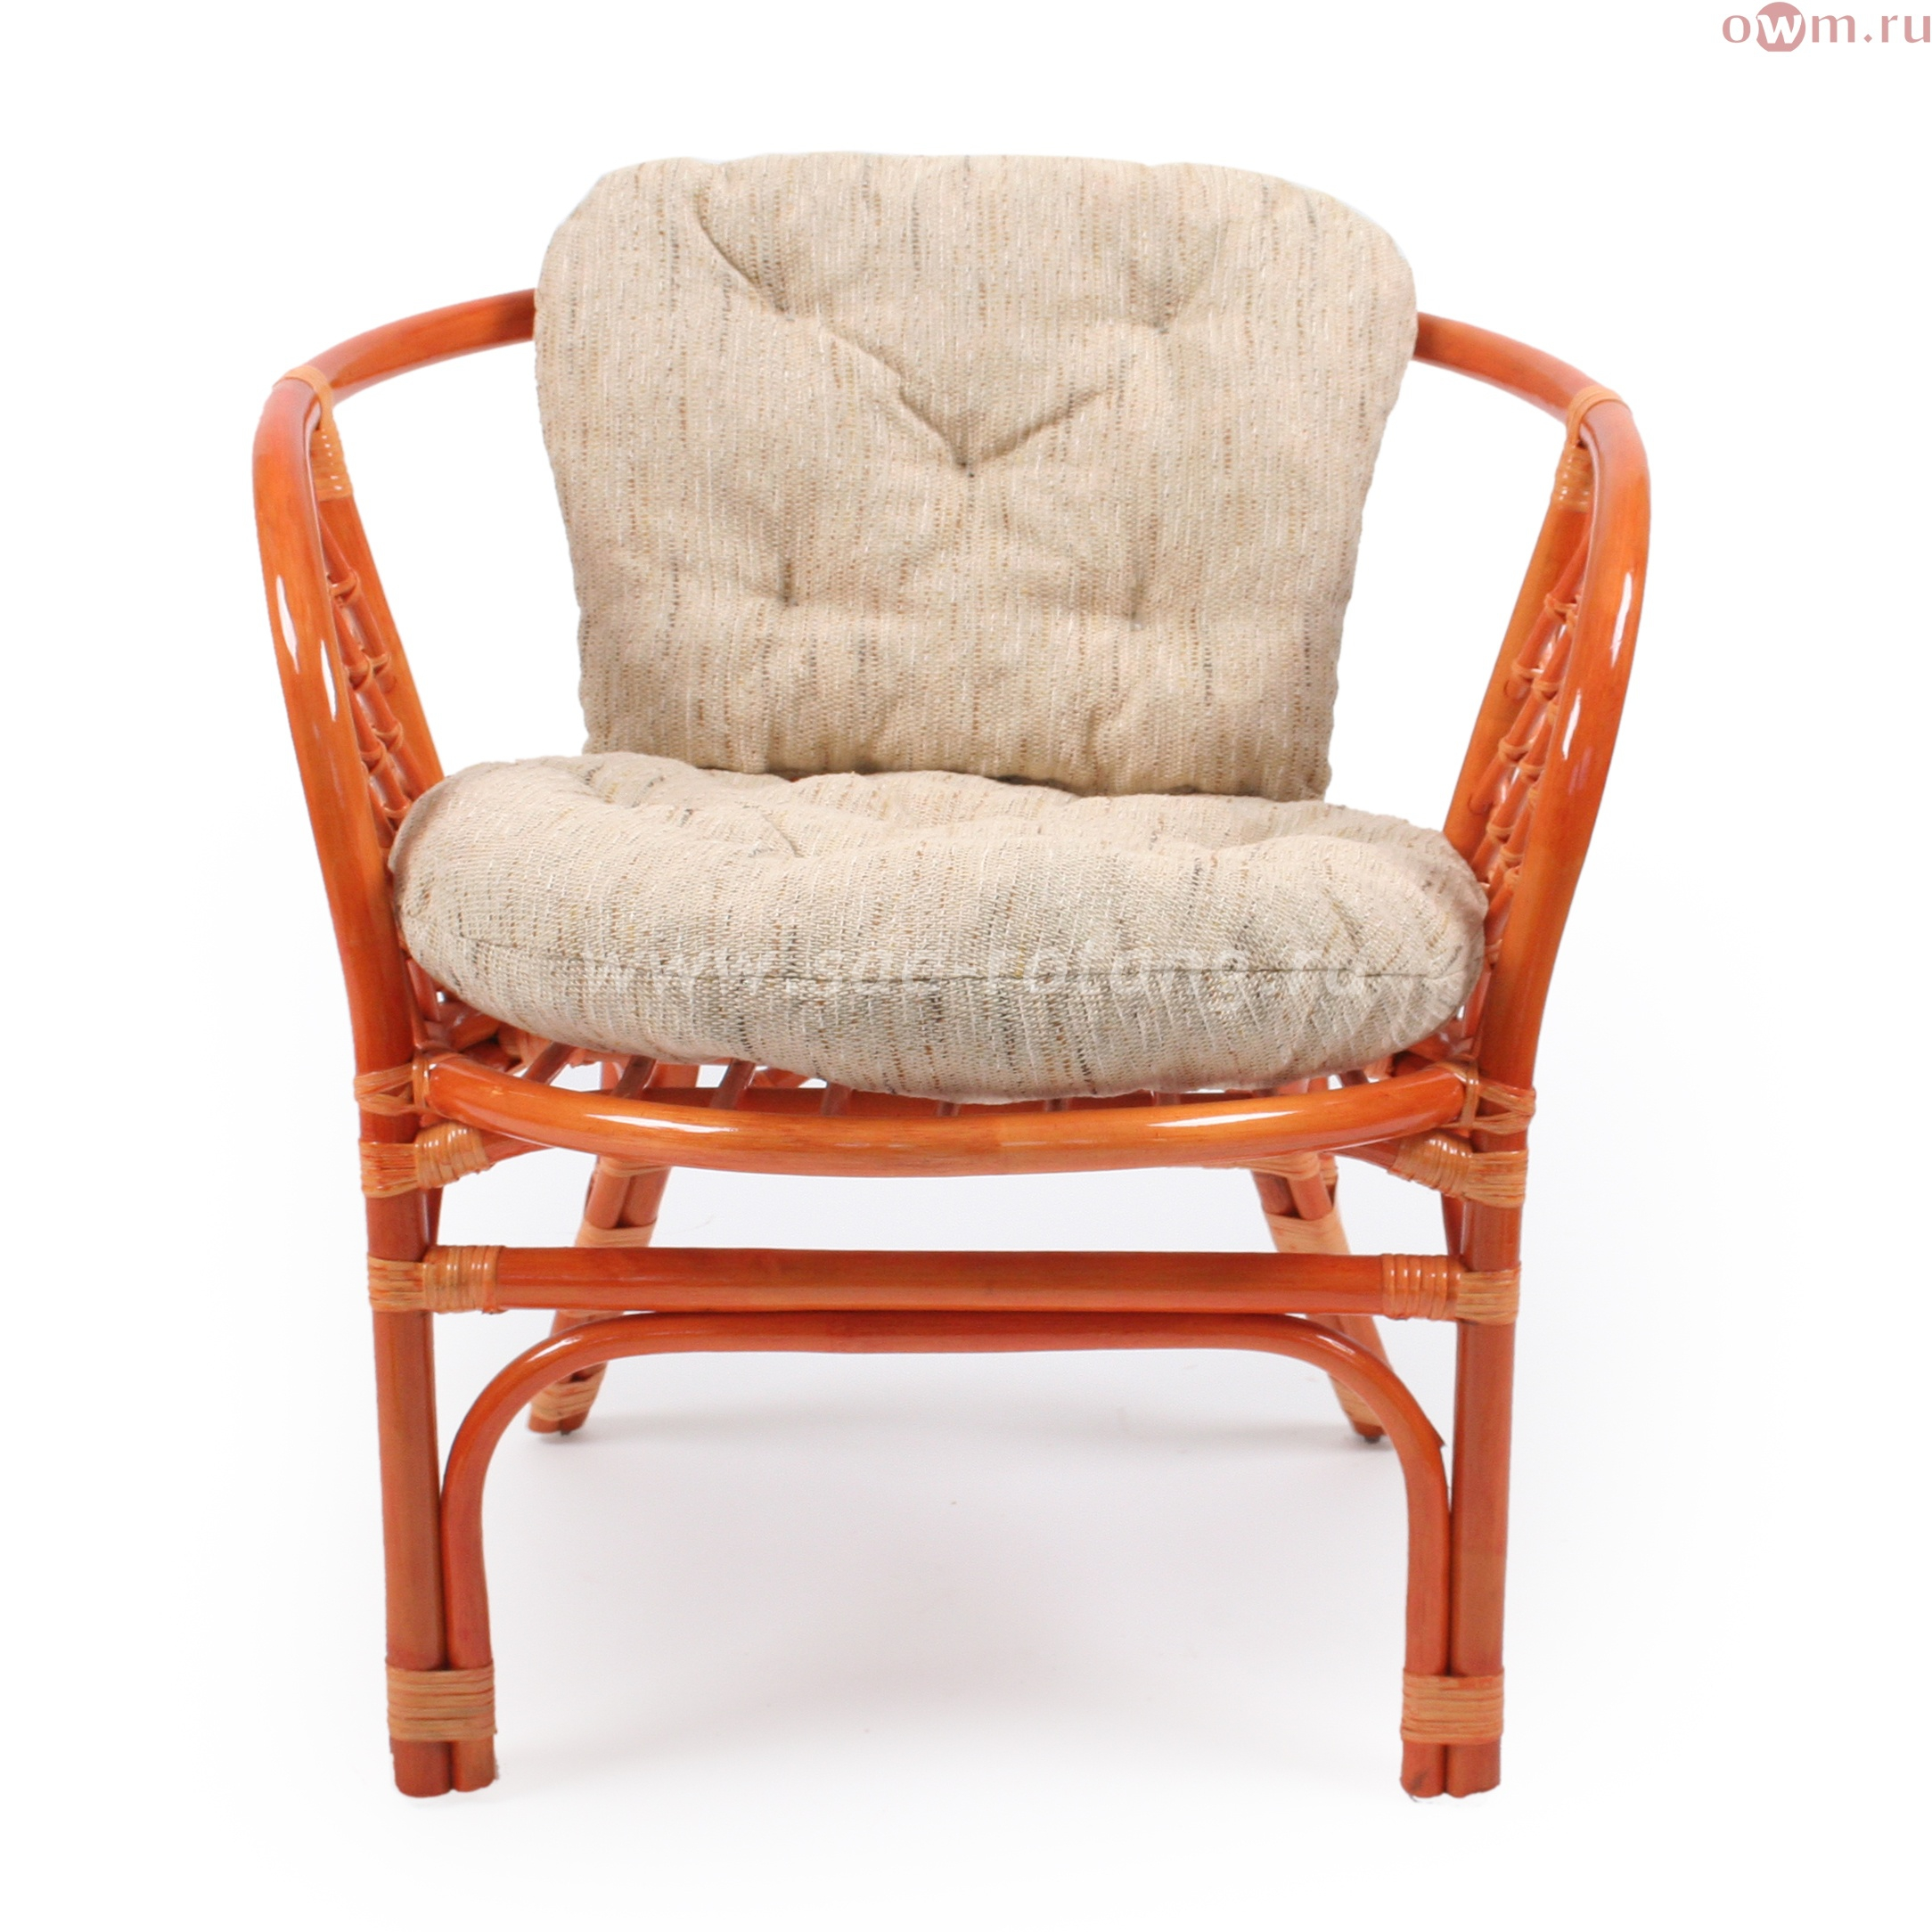 """Кресло плетеное """"Багама"""" 03/10 (Коньяк)"""